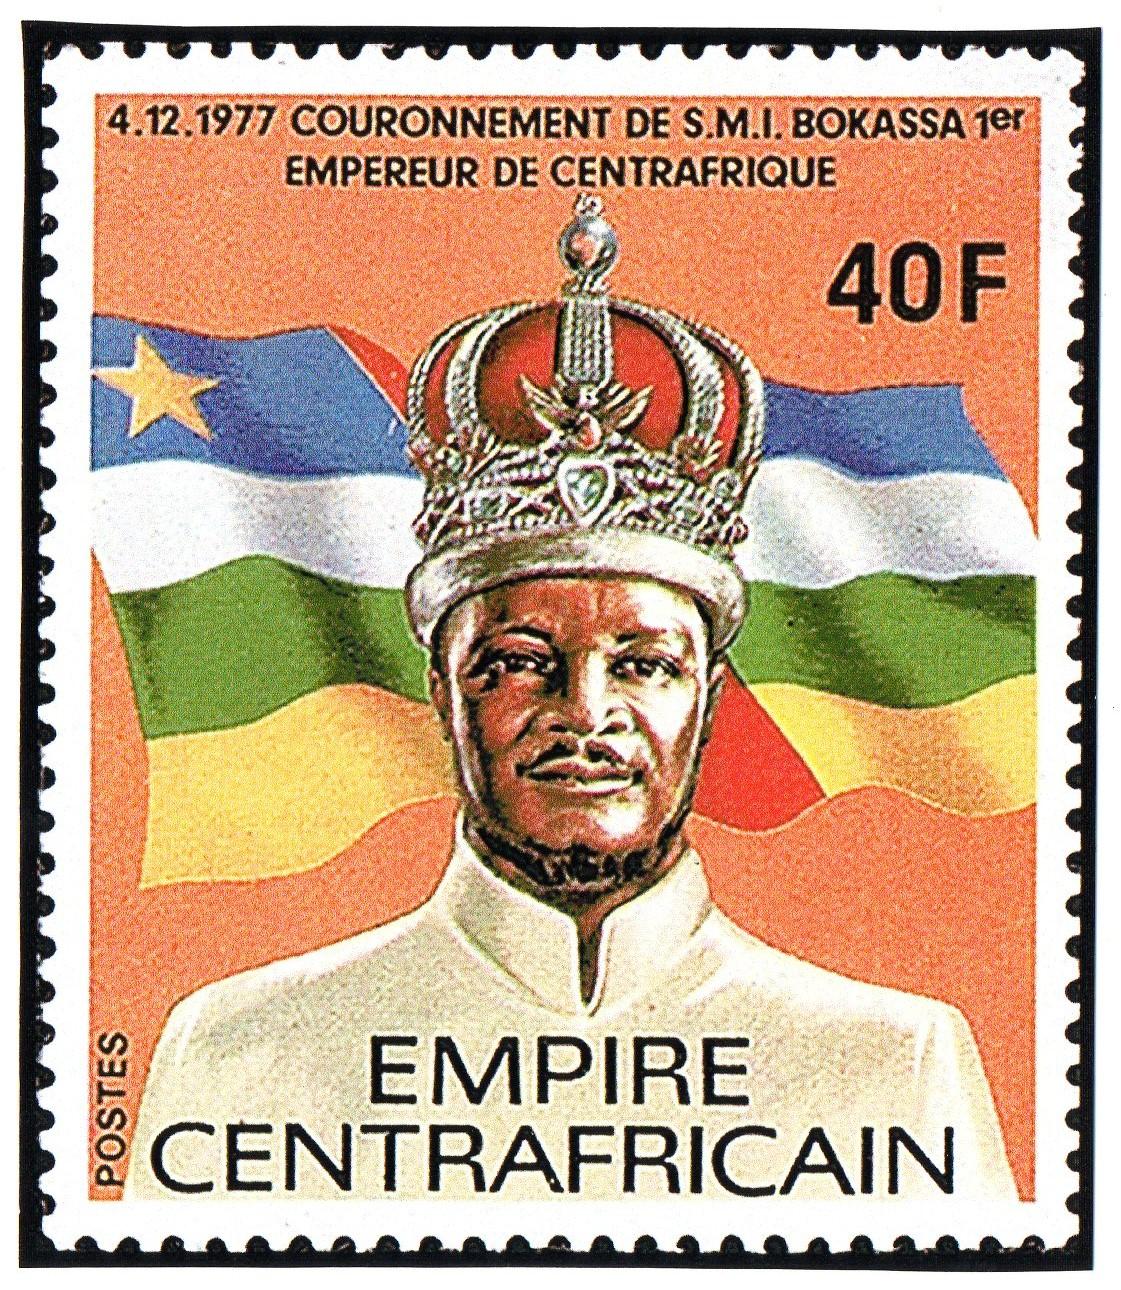 Francobollo raffigurante Bokassa, 1977